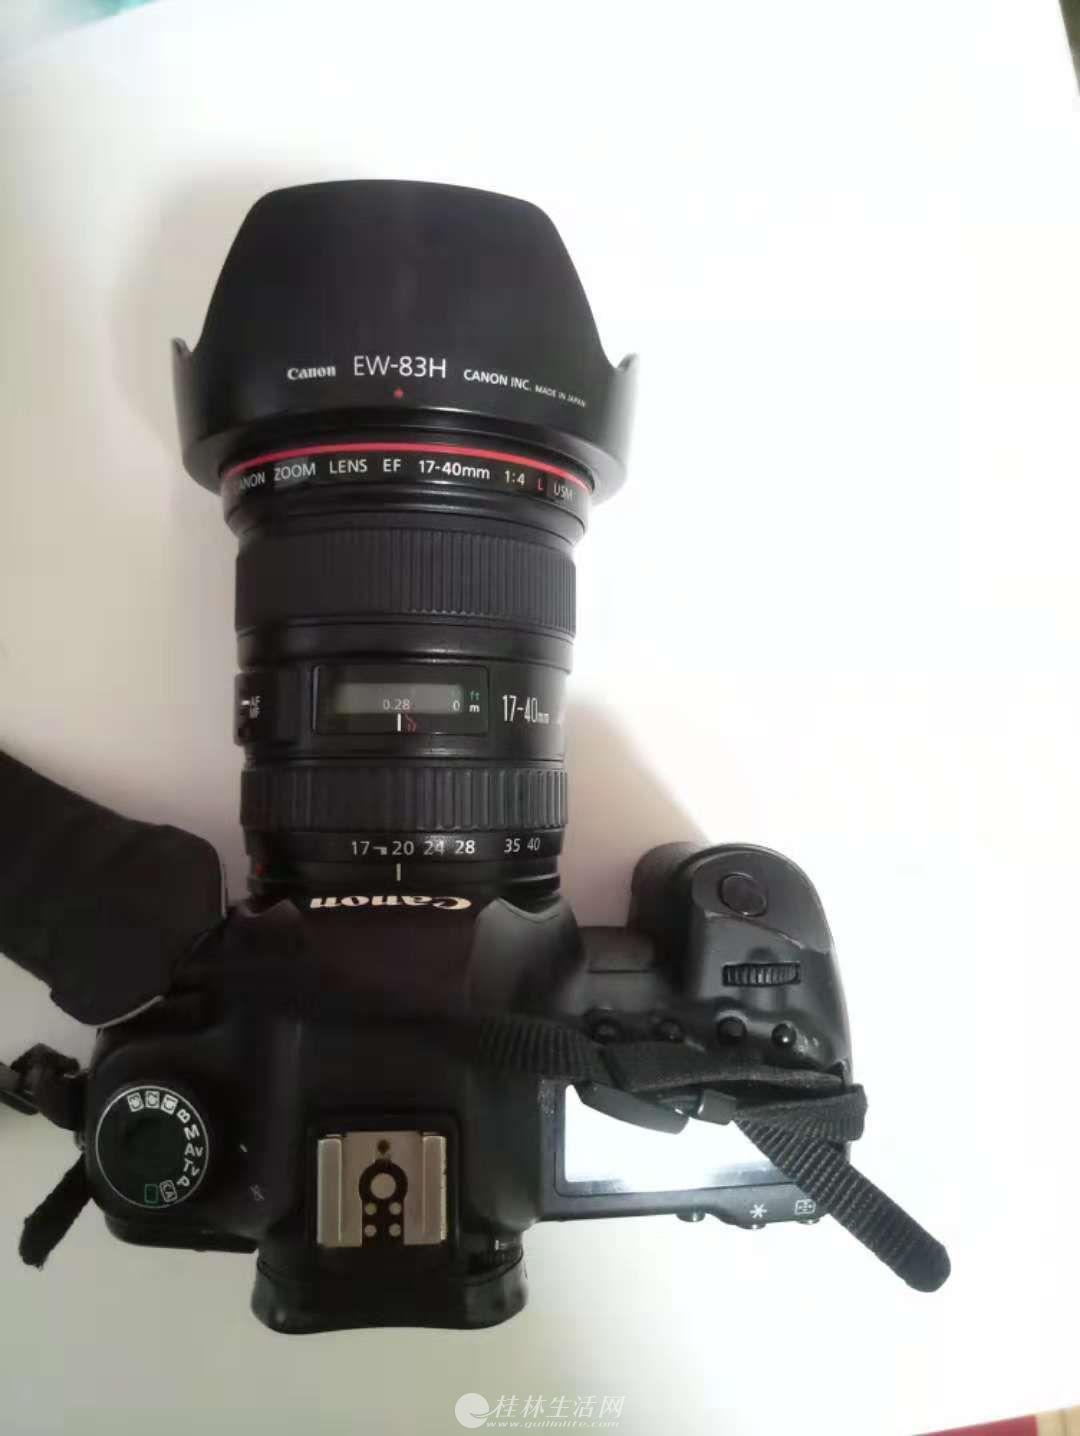 无敌兔相机_准备换新,卖自用无敌兔5D2全幅相机,成色看实拍图片。还有17-40 ...